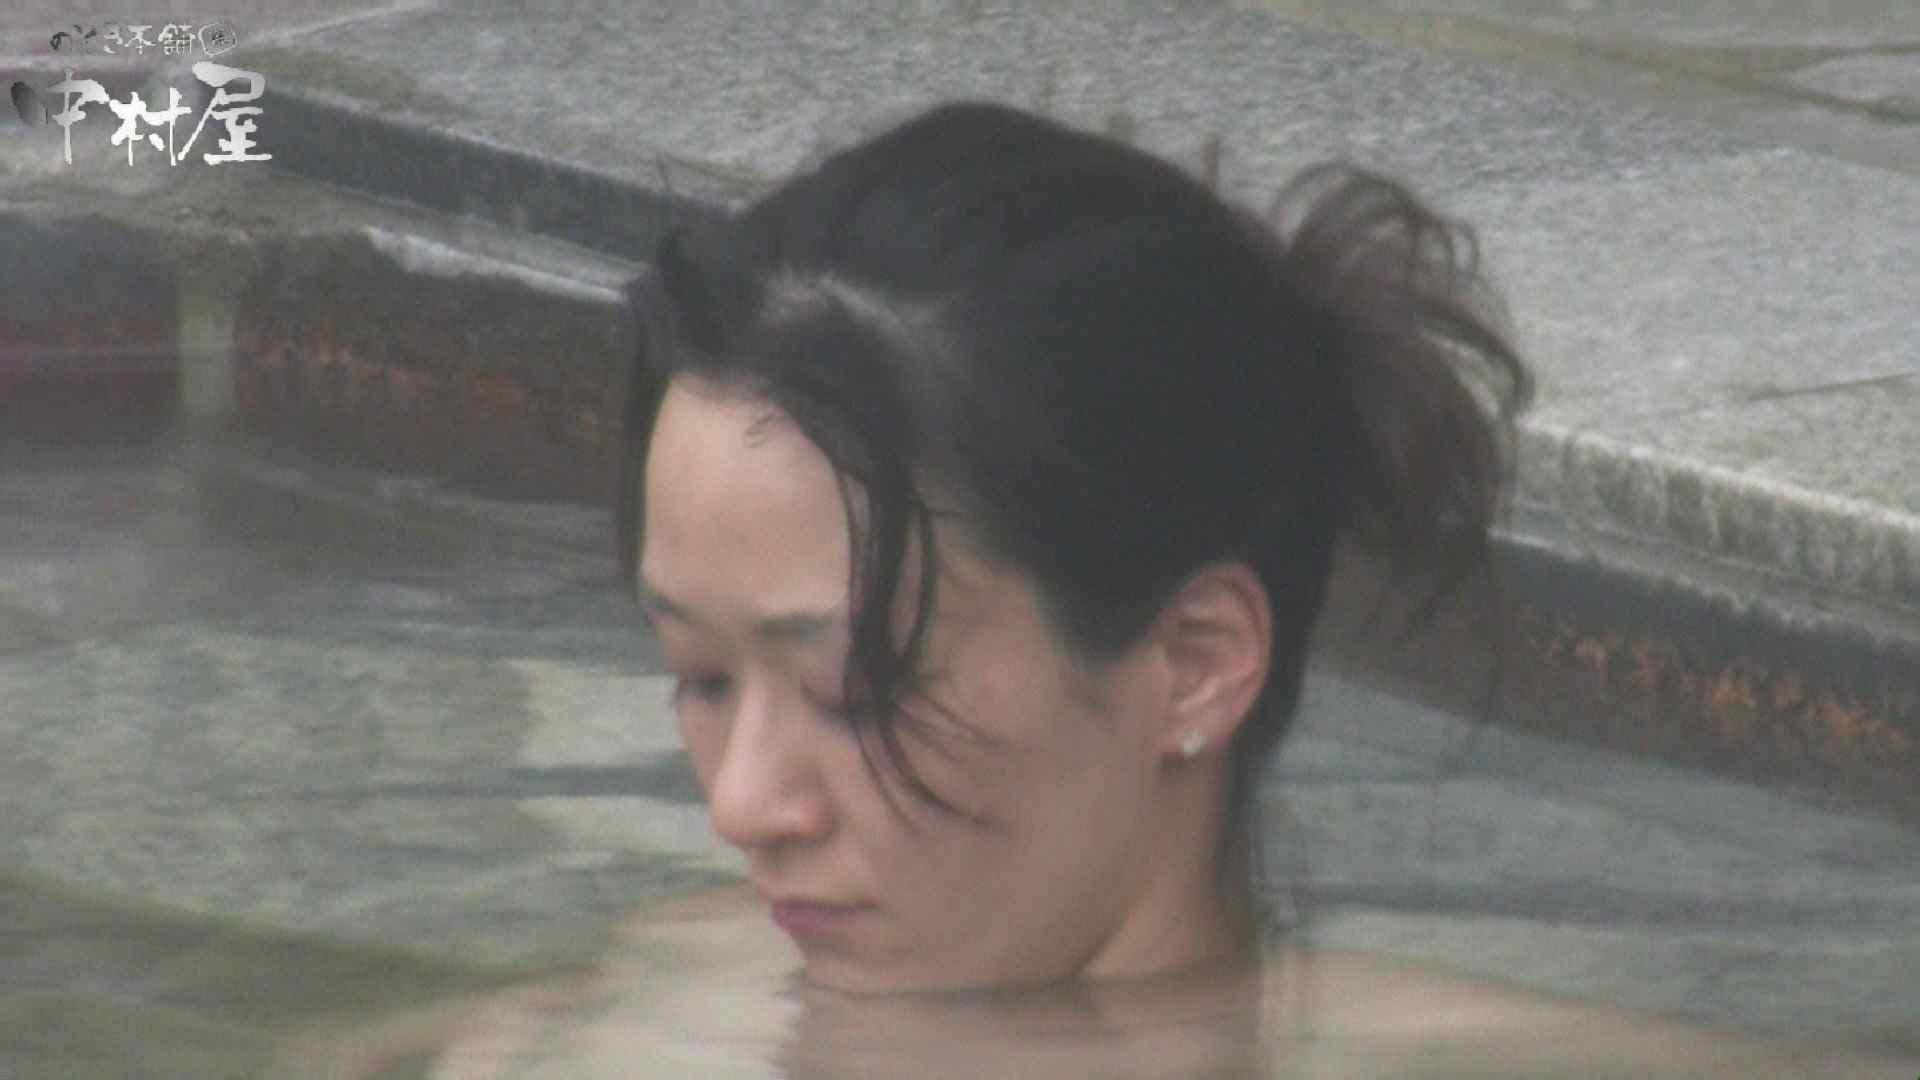 Aquaな露天風呂Vol.928 露天 ワレメ動画紹介 99画像 83